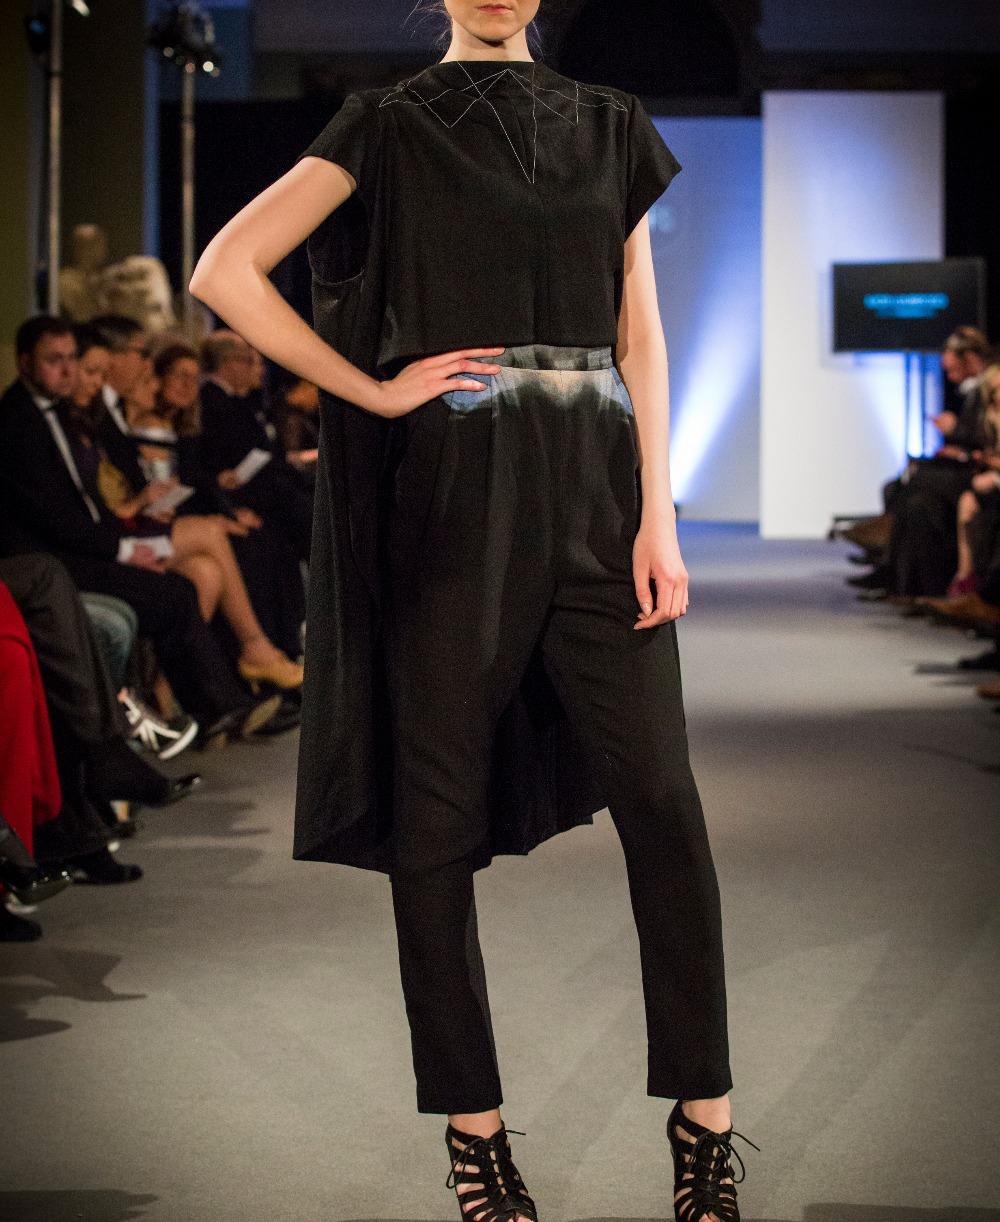 Oxford Fashion Week FW16